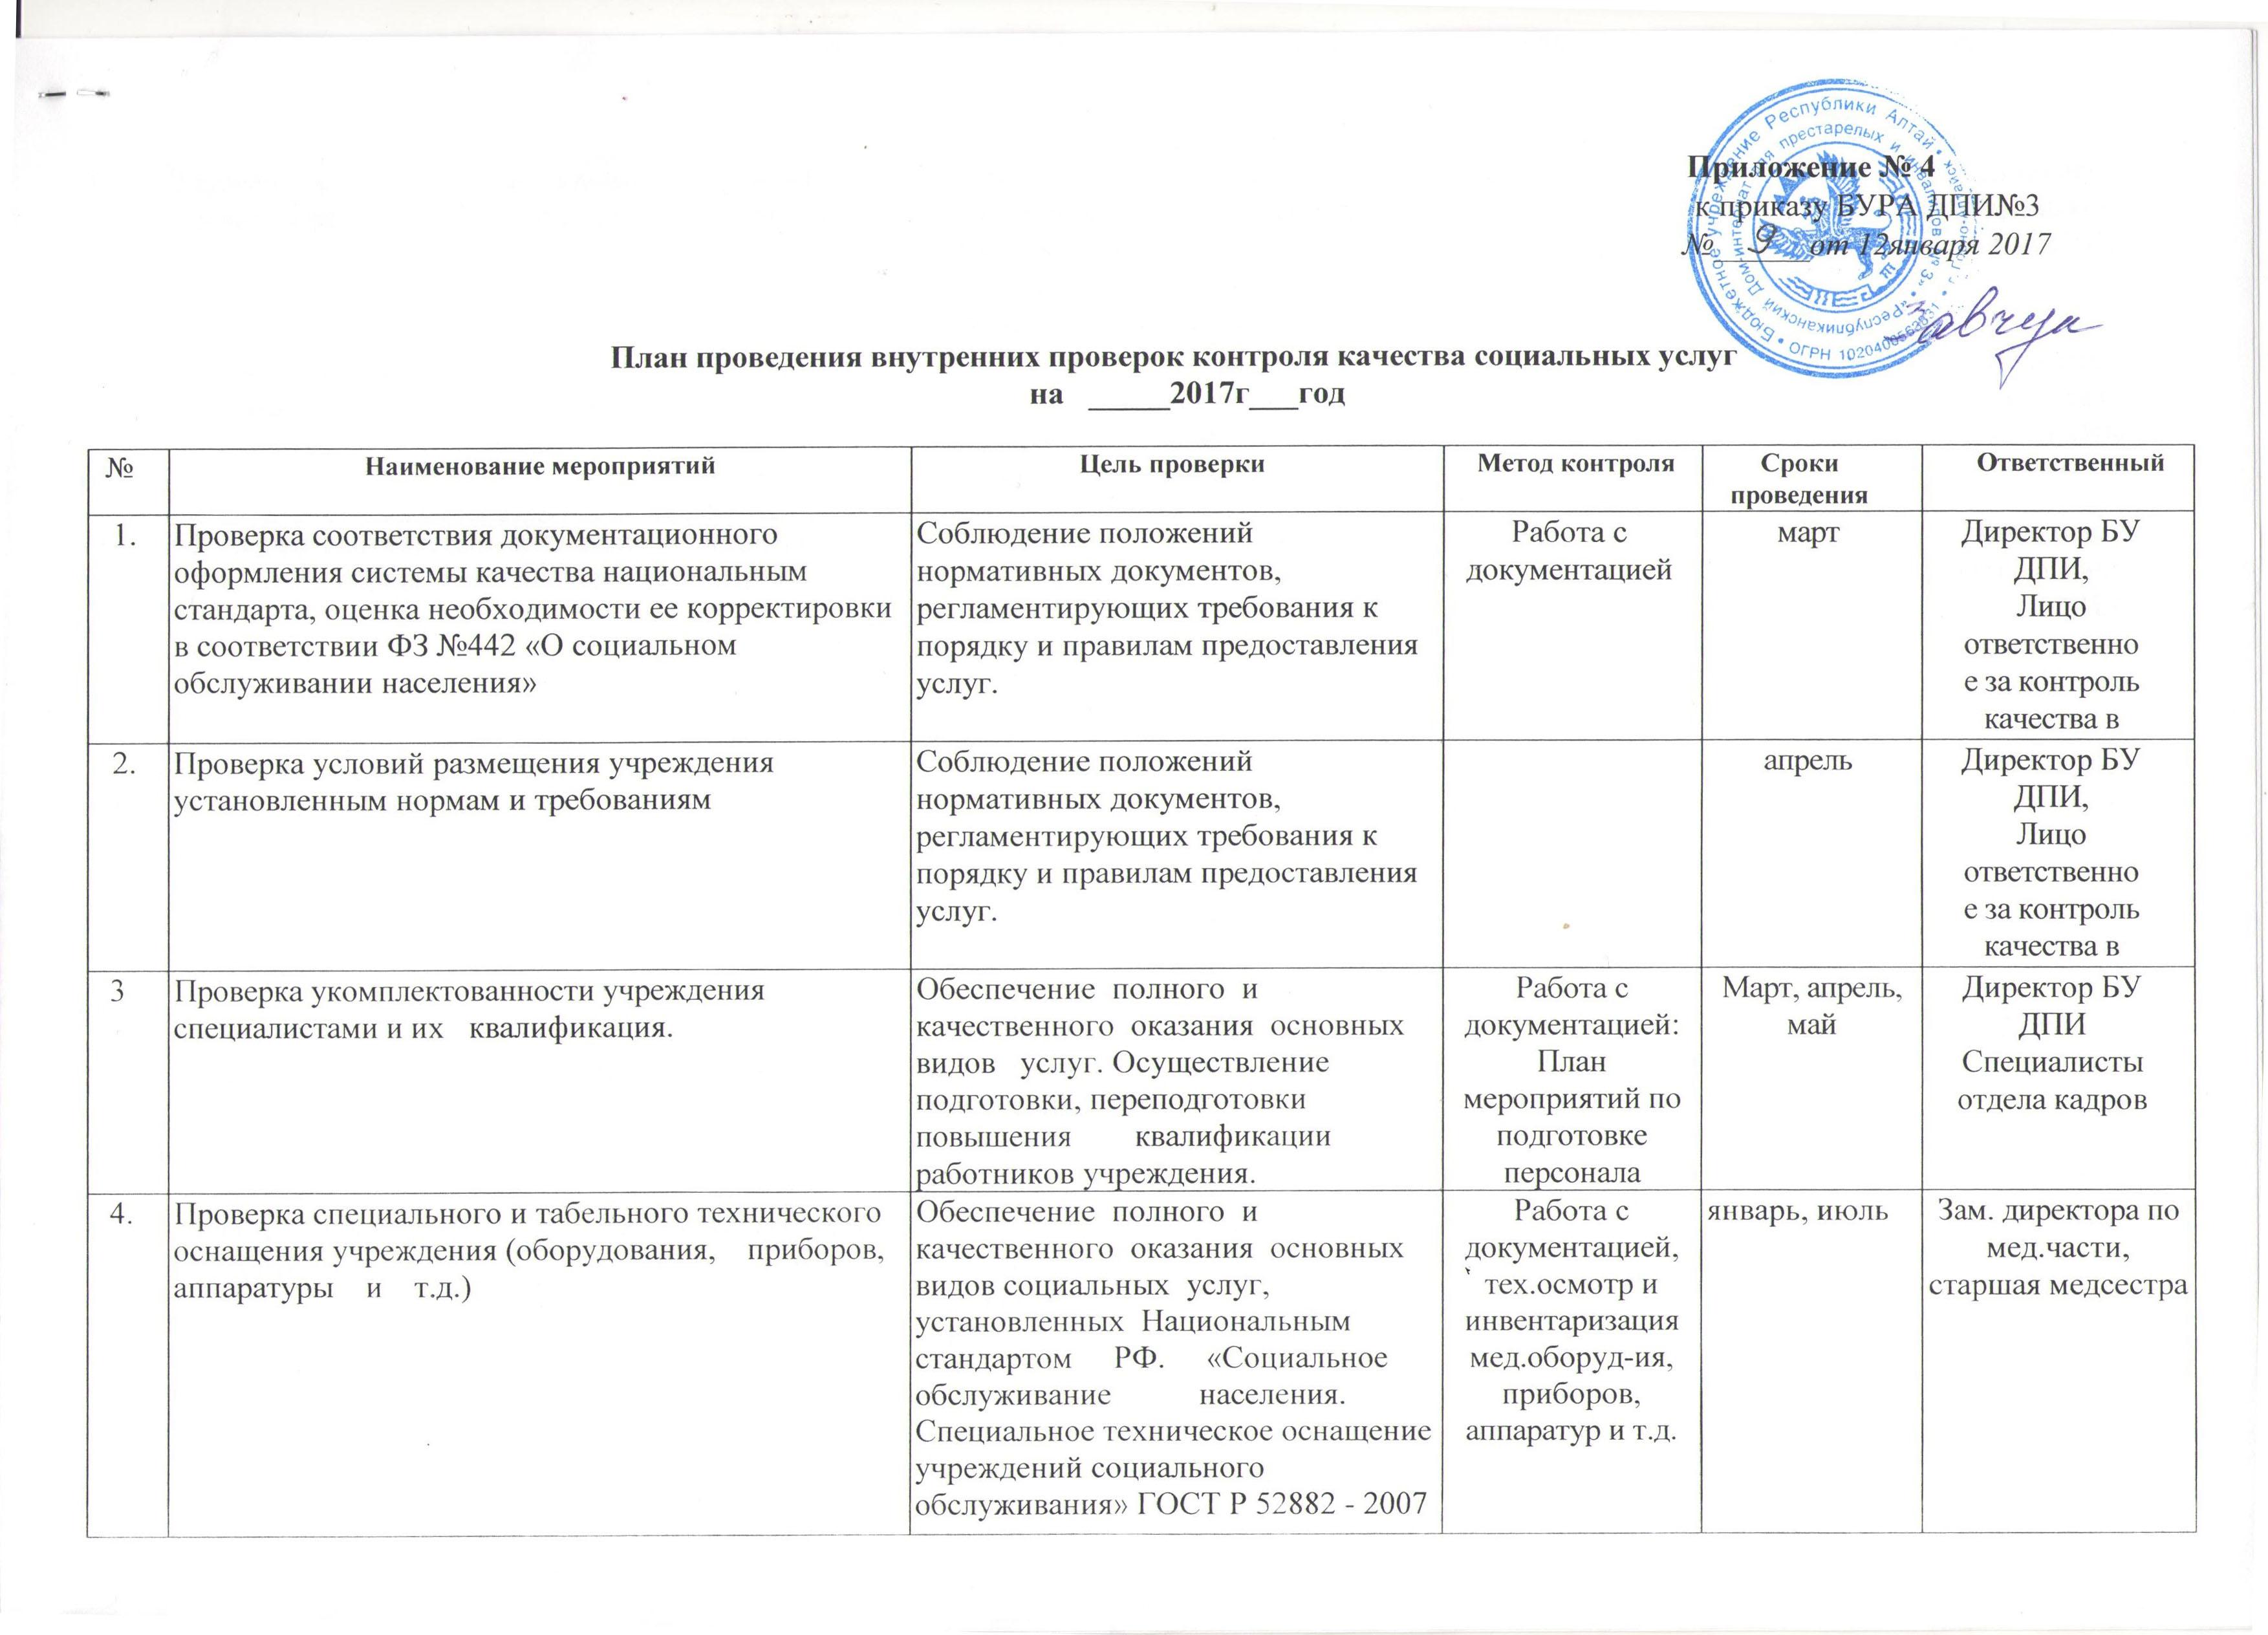 План проведения внутренних проверок контроля качества социальных услуг на 2017г. 1